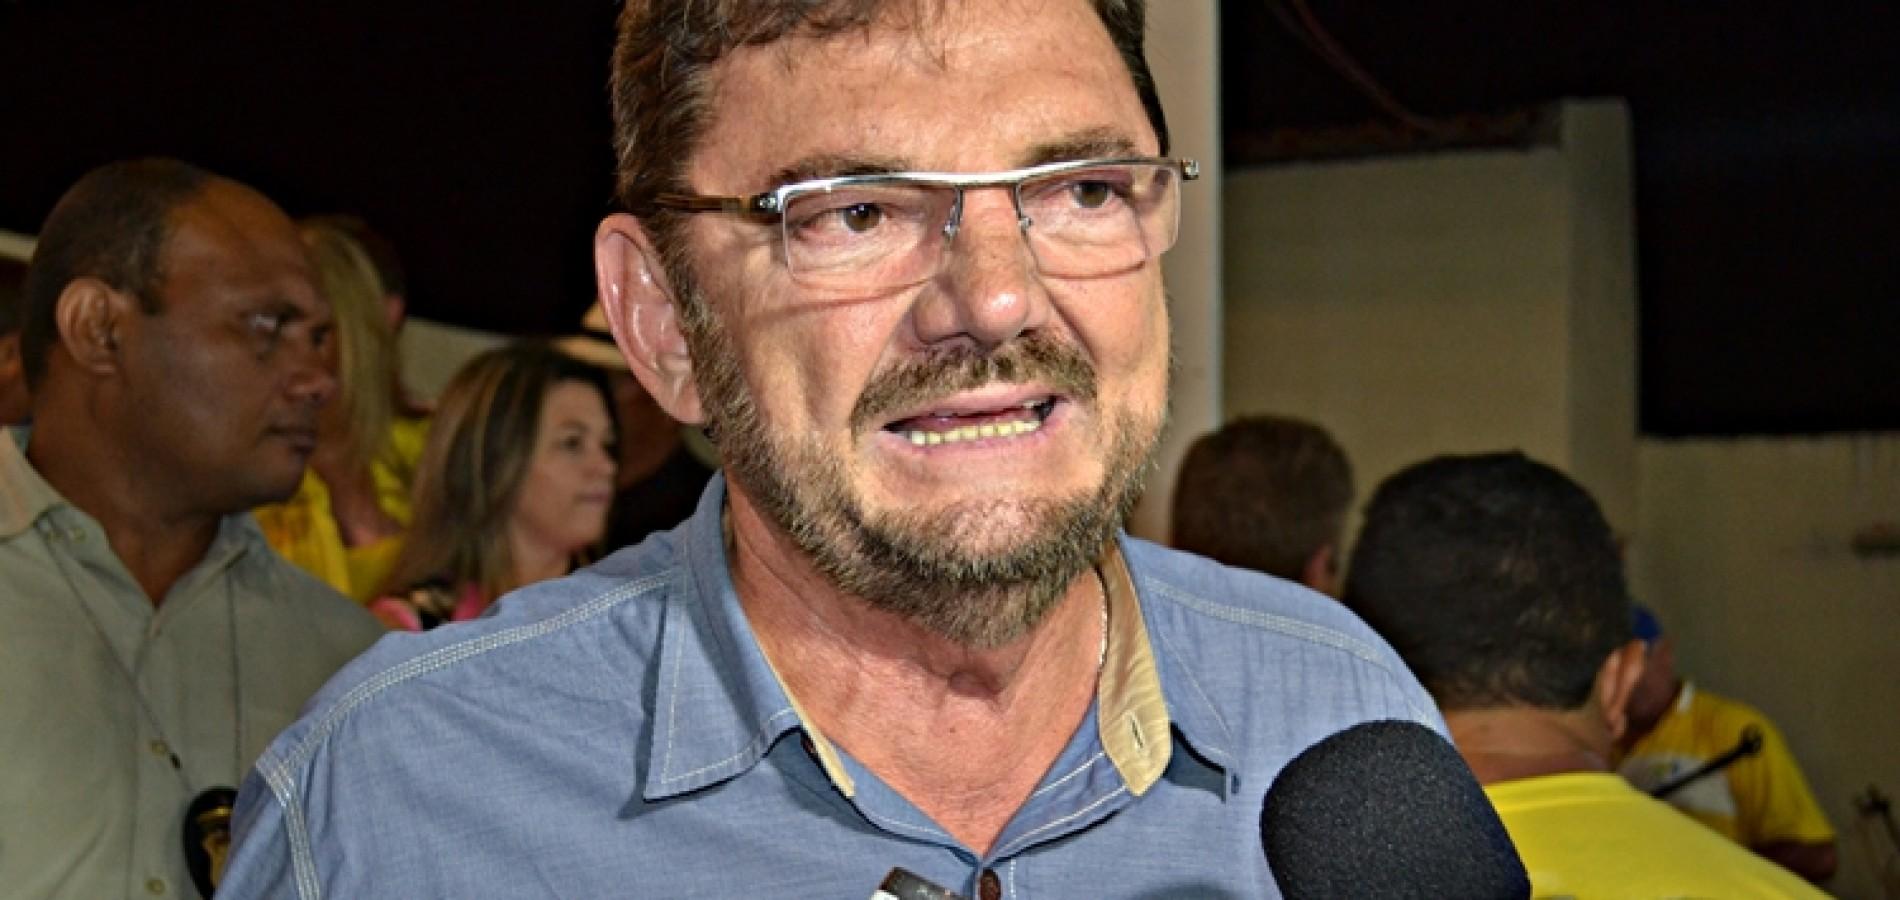 Wilson Martins pensa em liderar oposição para ser candidato a governador em 2018